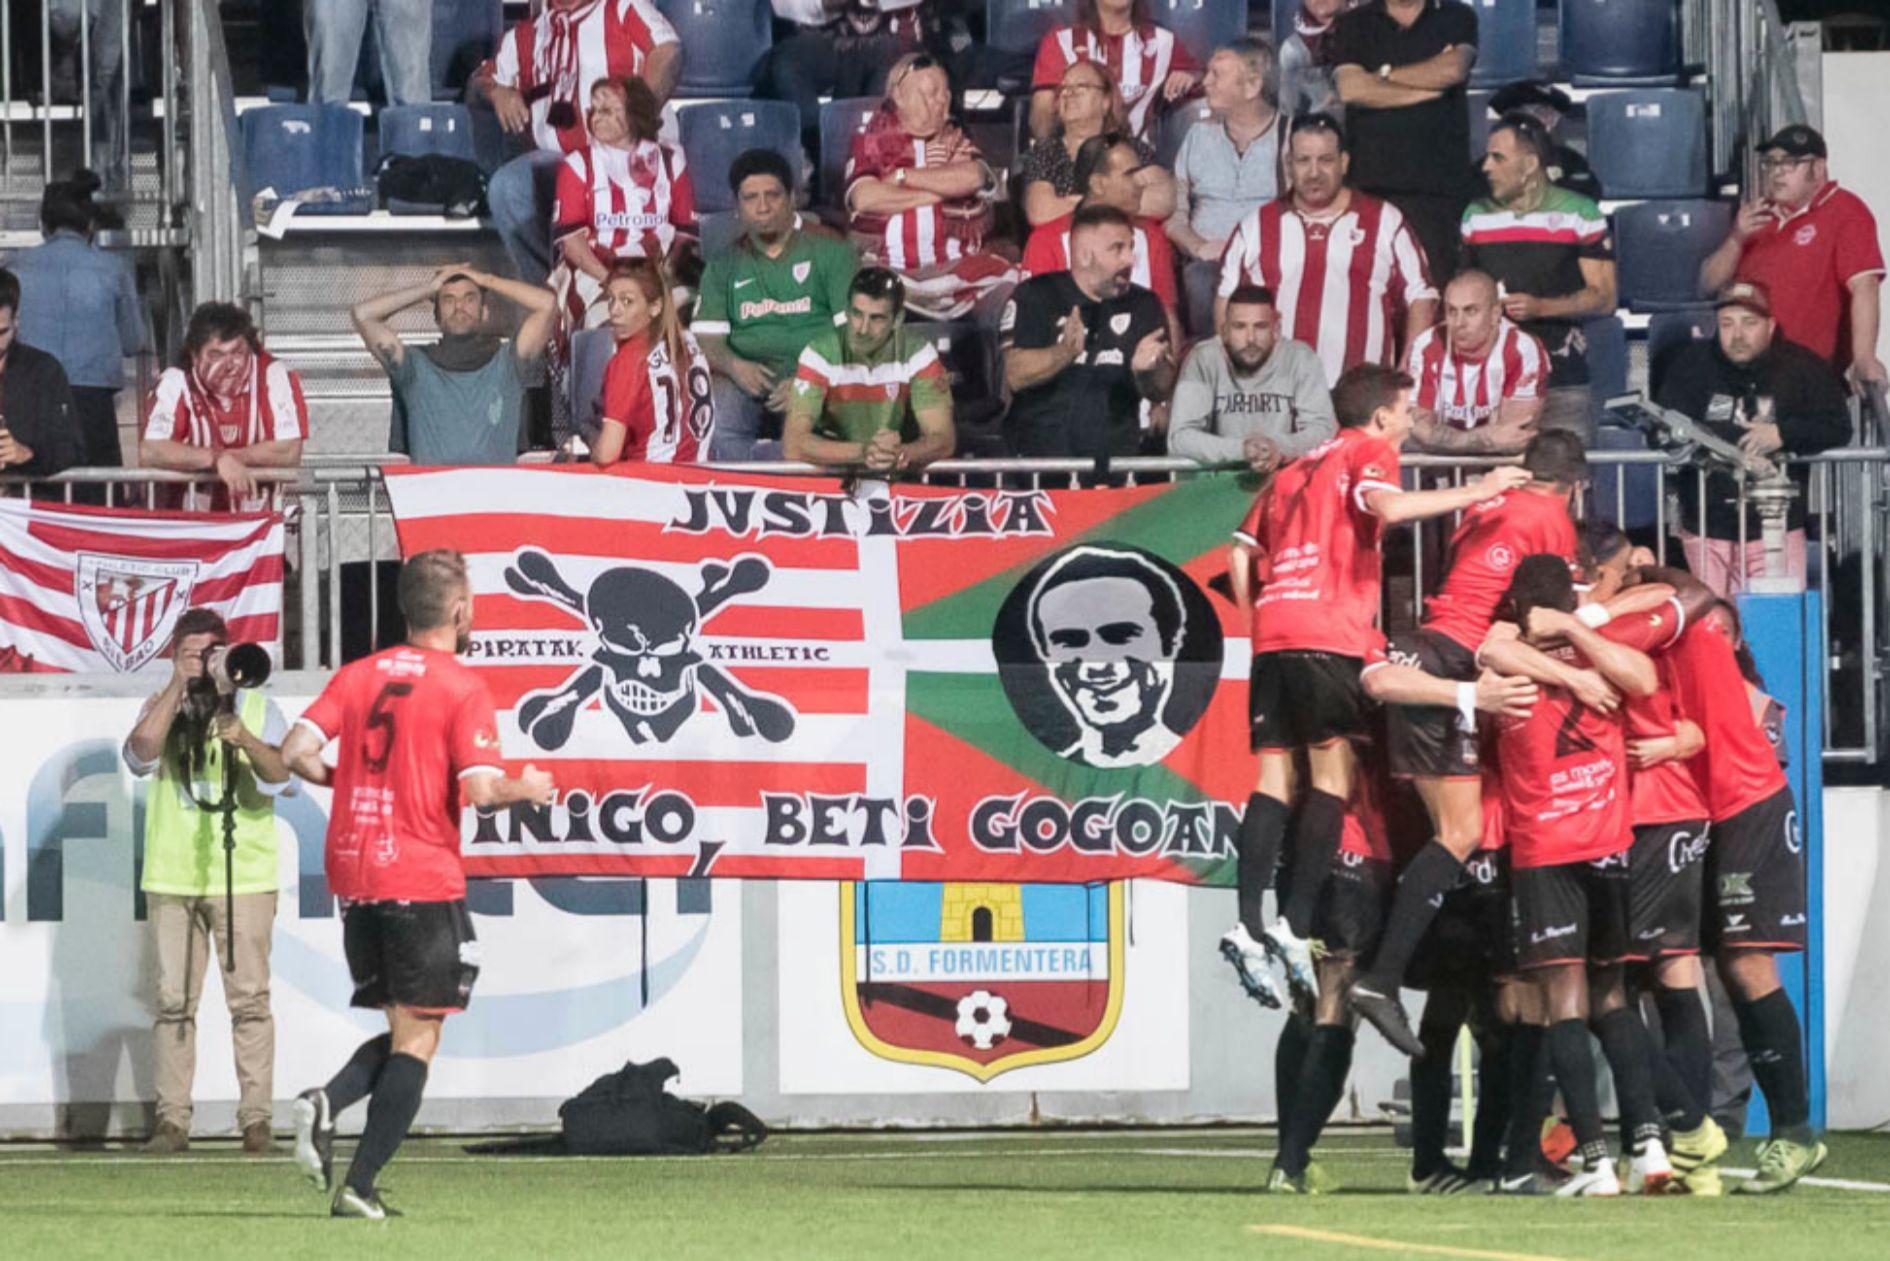 Los seguidores del Athletic observan la celebración del gol por los jugadores del Formentera.